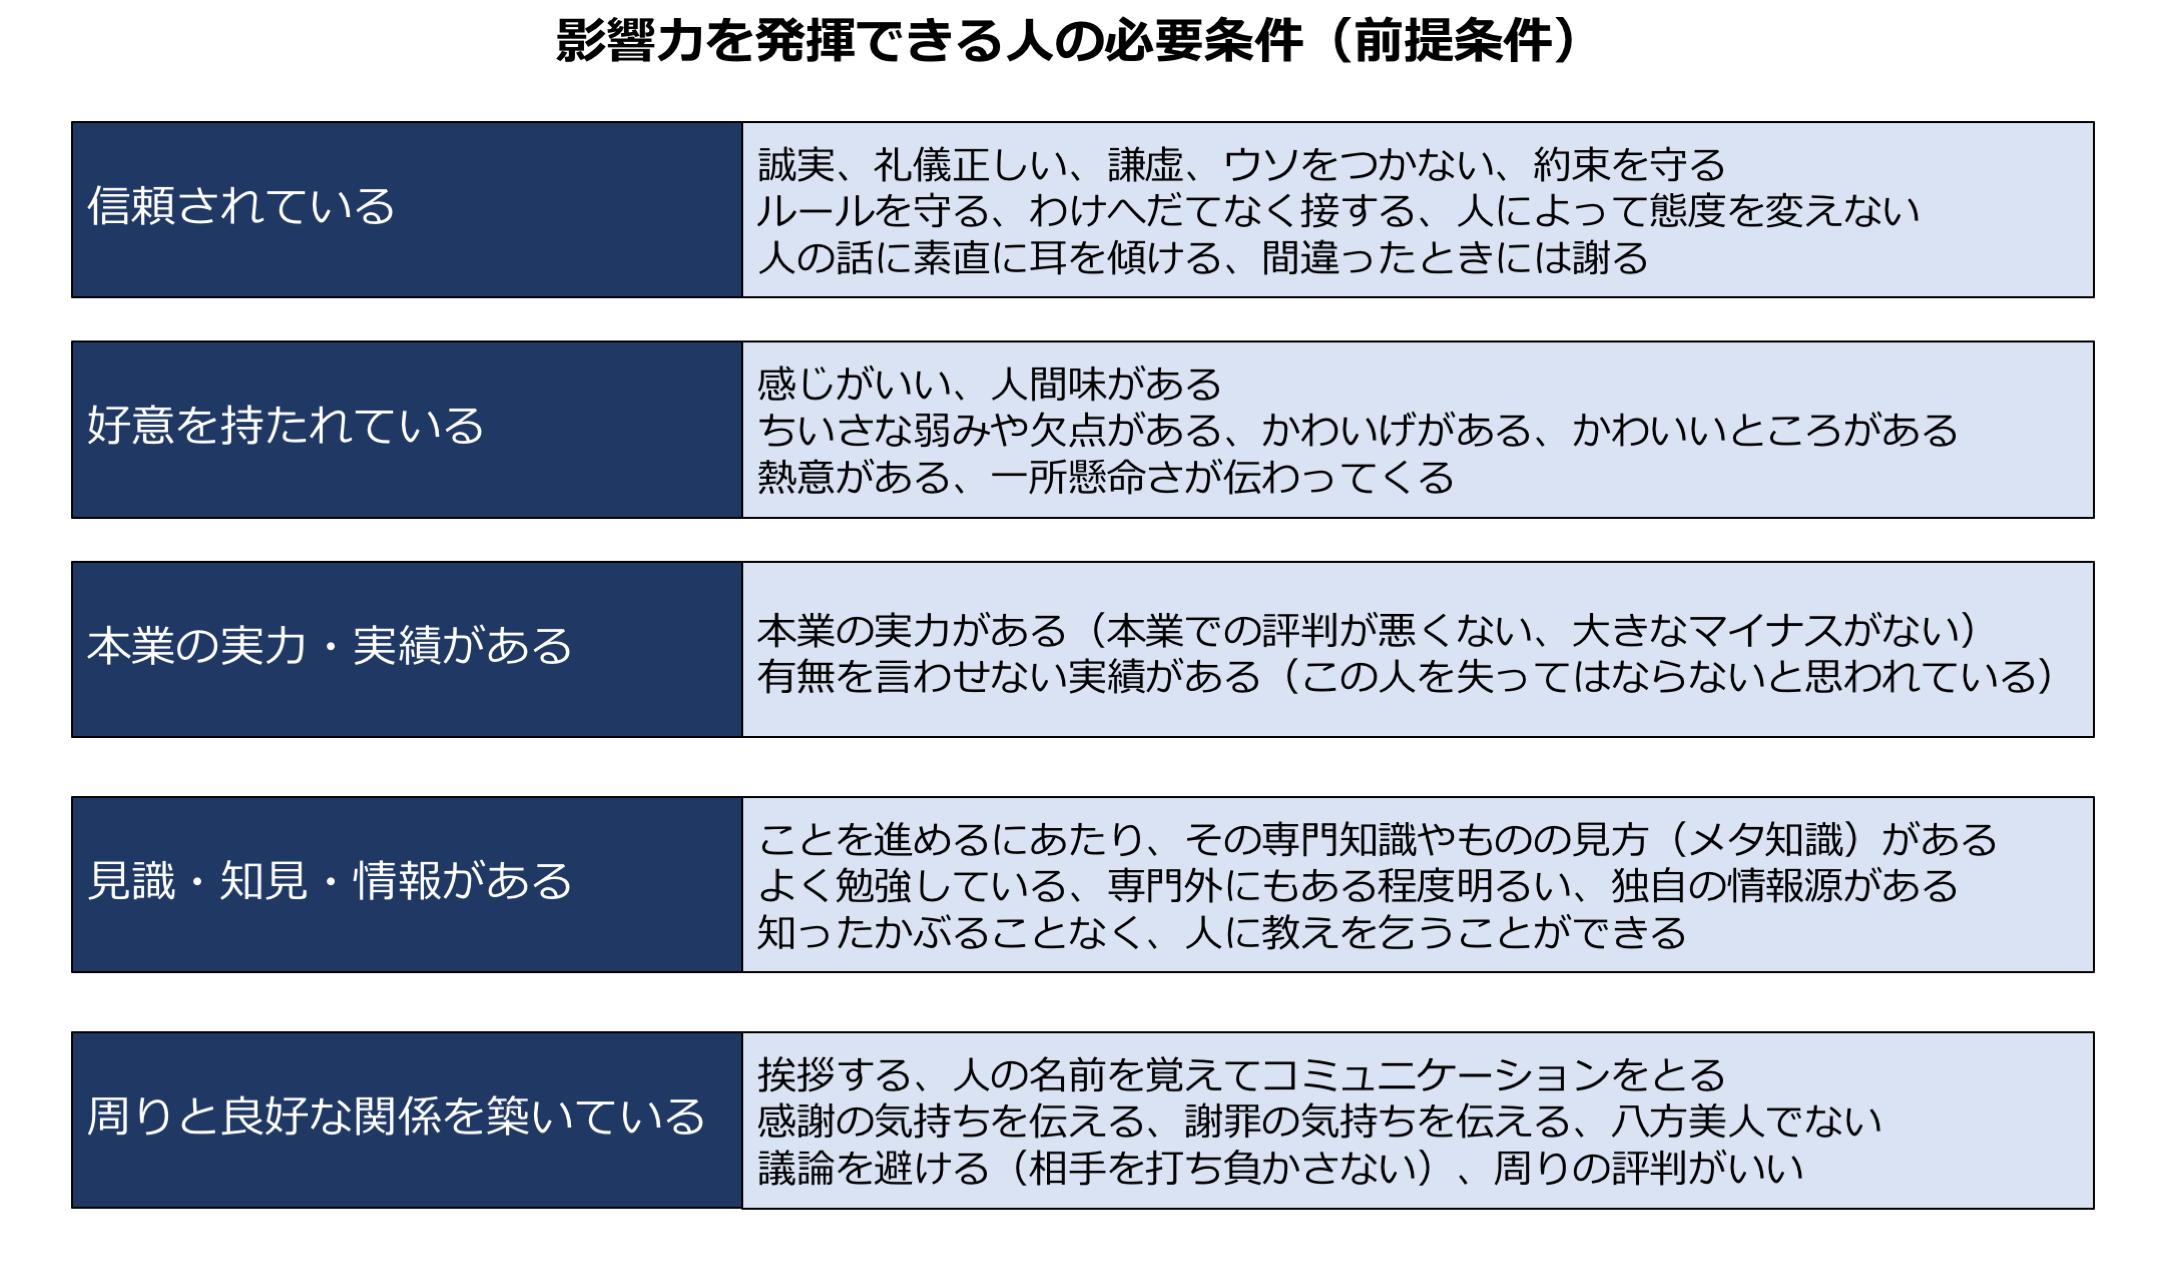 tsukamatsu_017_02.png